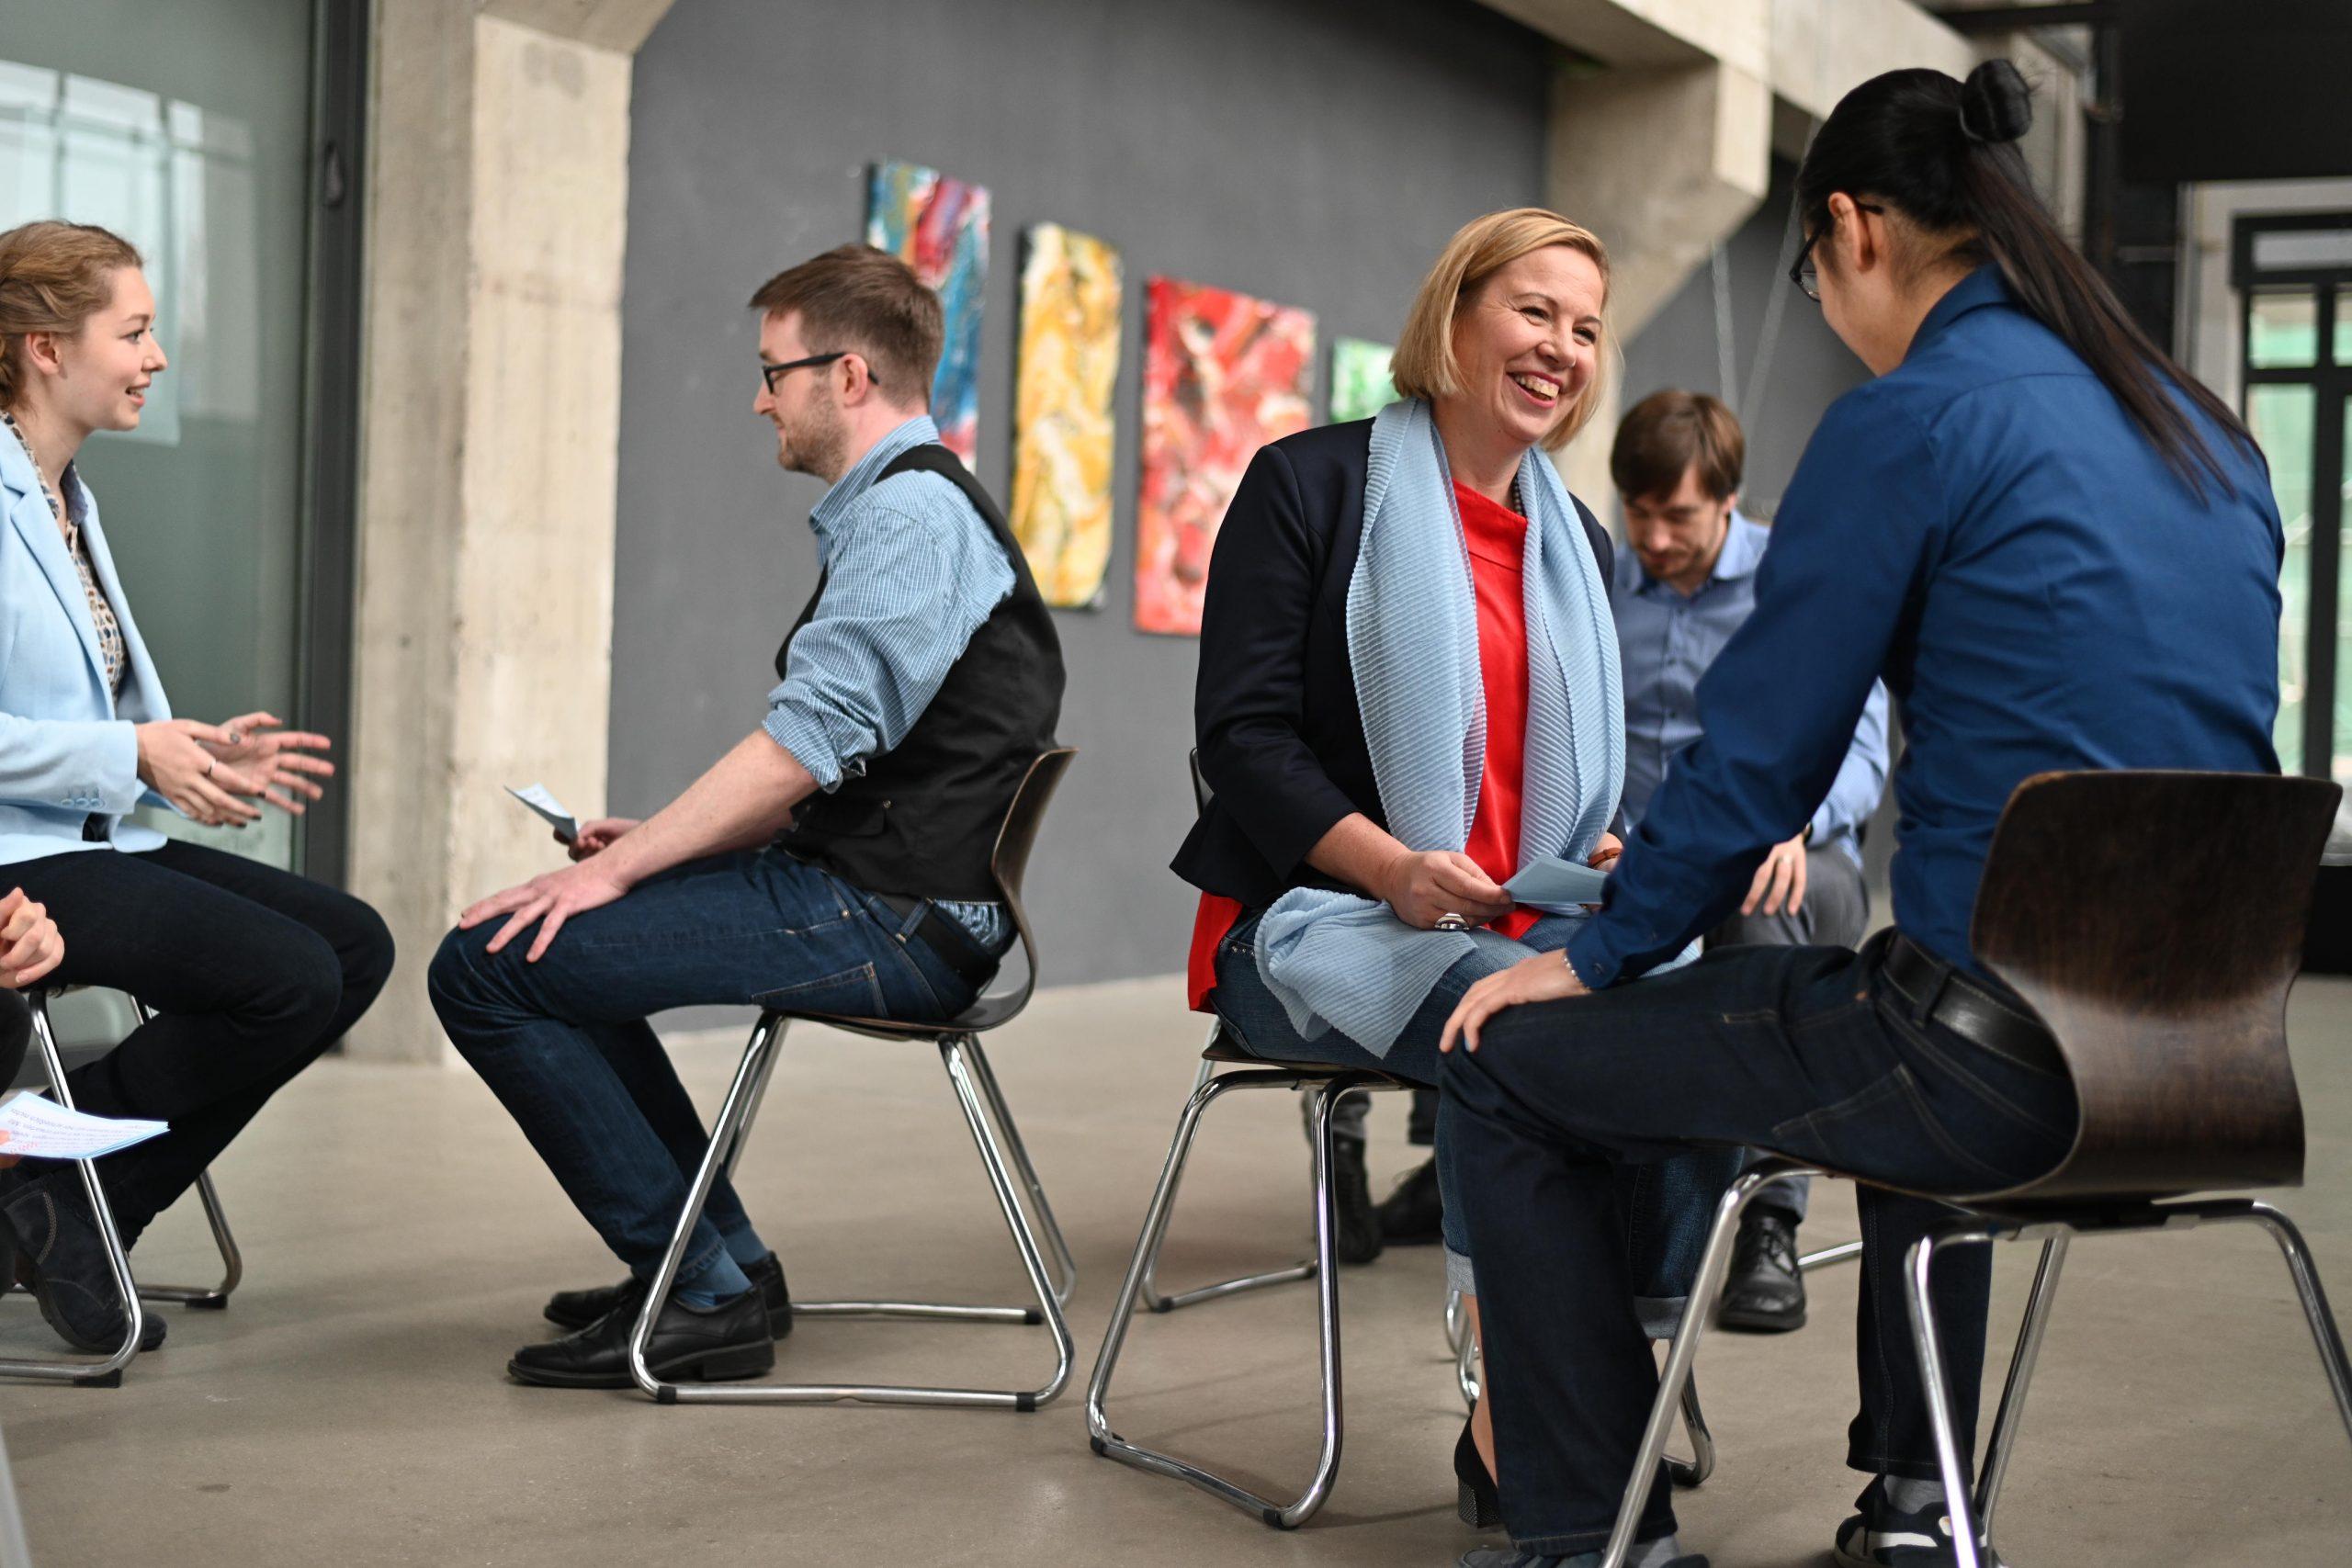 Seminarteilnehmer miteinander im Gespräch